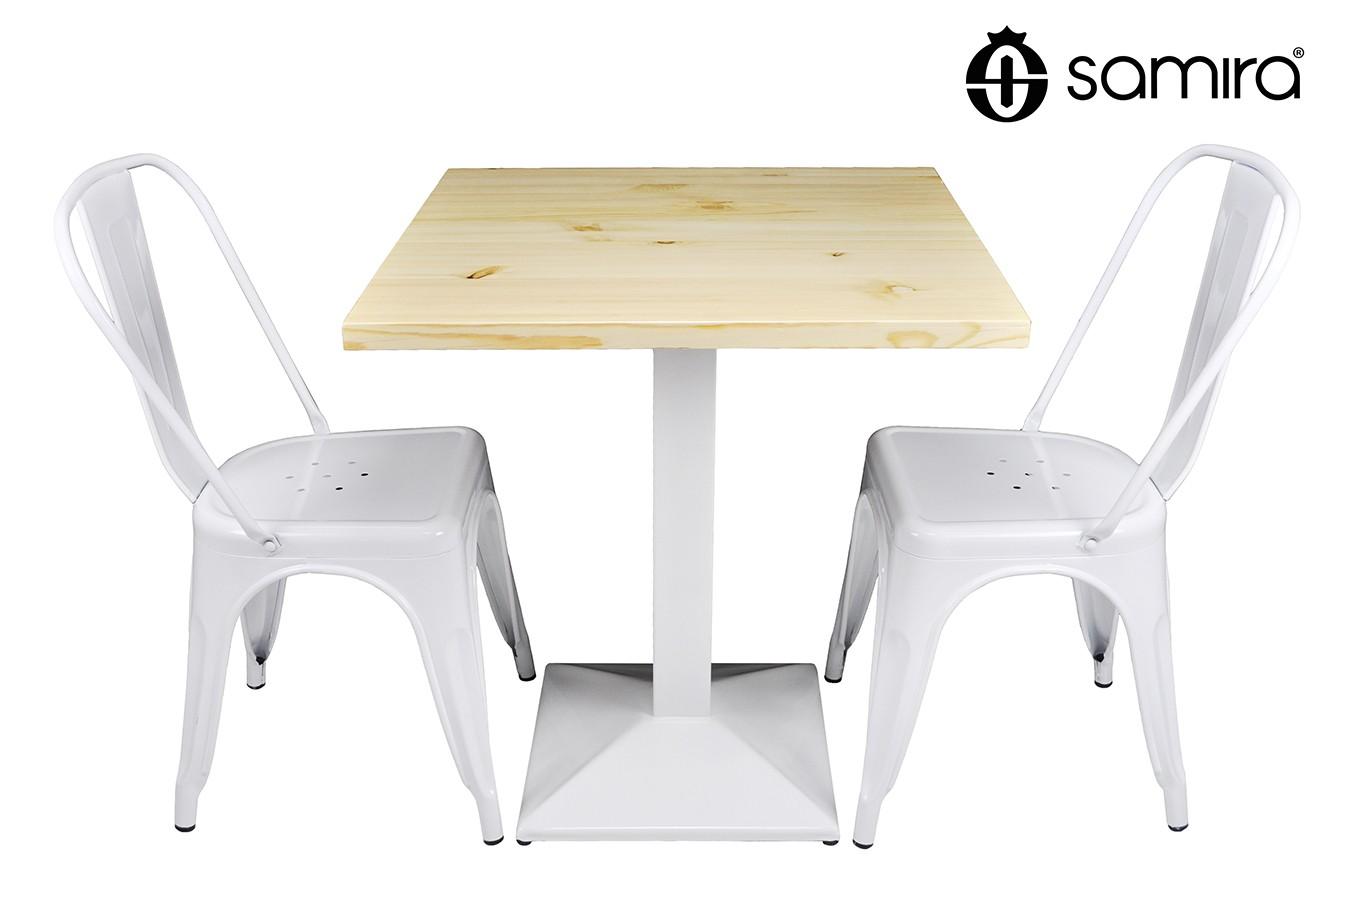 Tavolo quadrato 70x70 stile industriale con top in legno naturale m